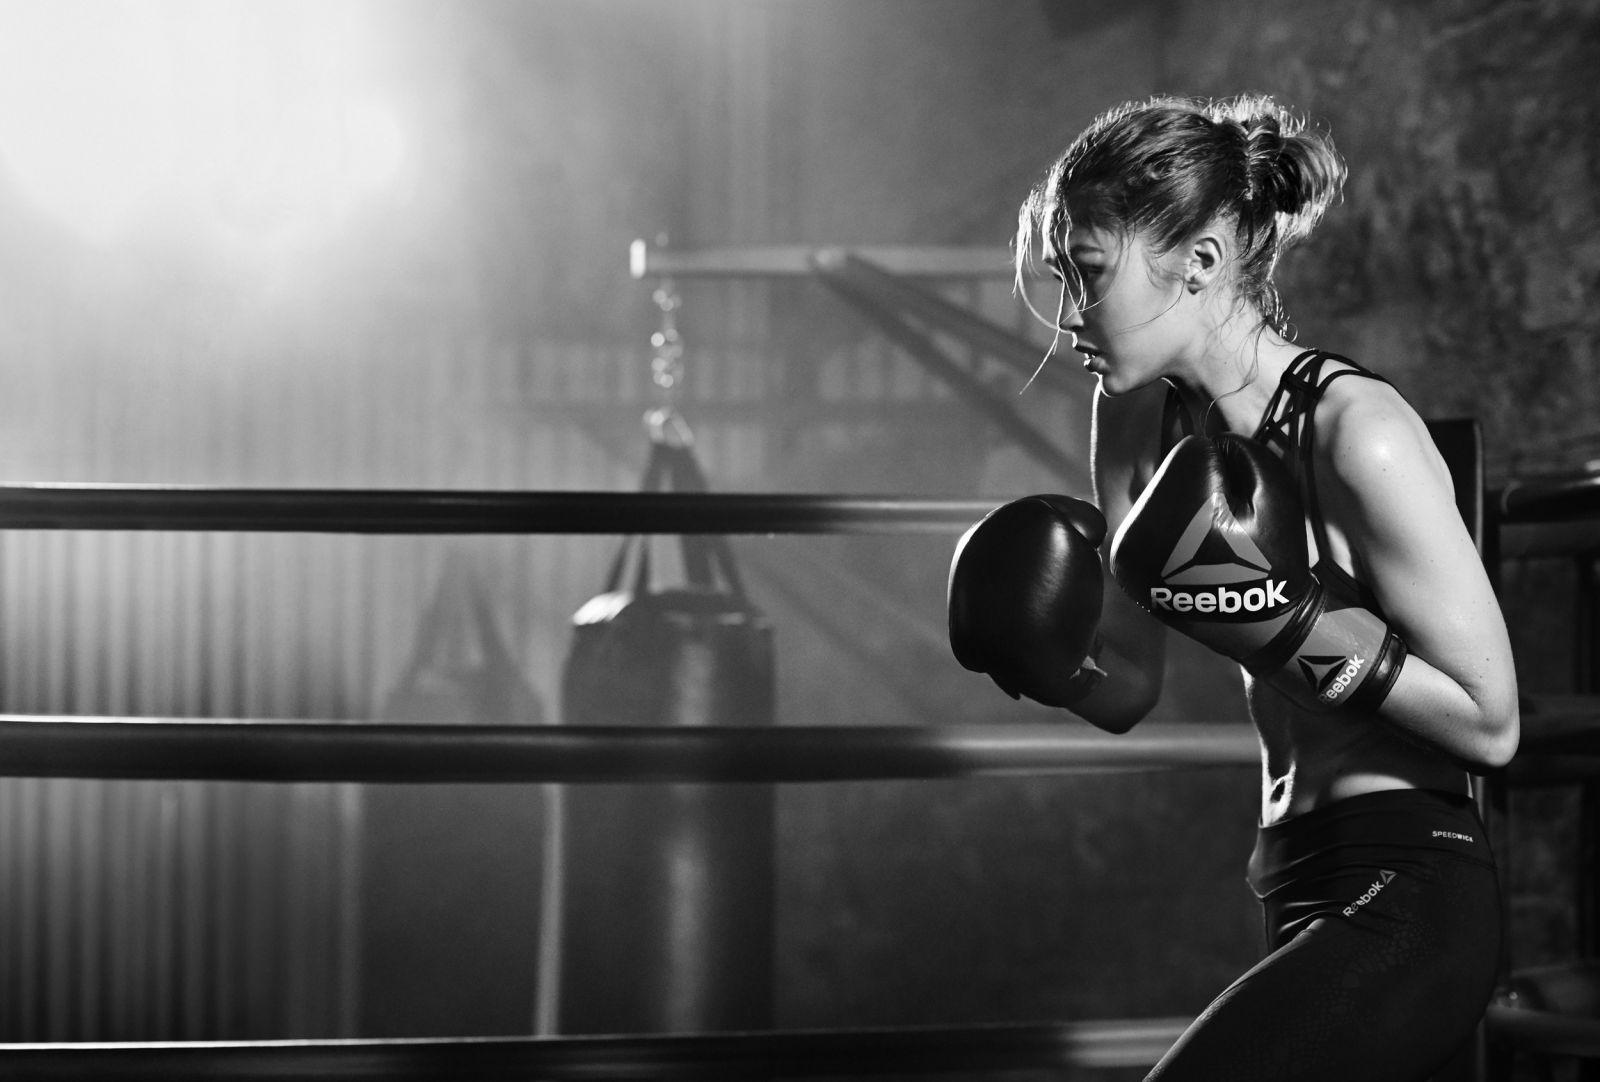 коми-пермяцкого идеи фотосессии для боксерки исполнитель громкие